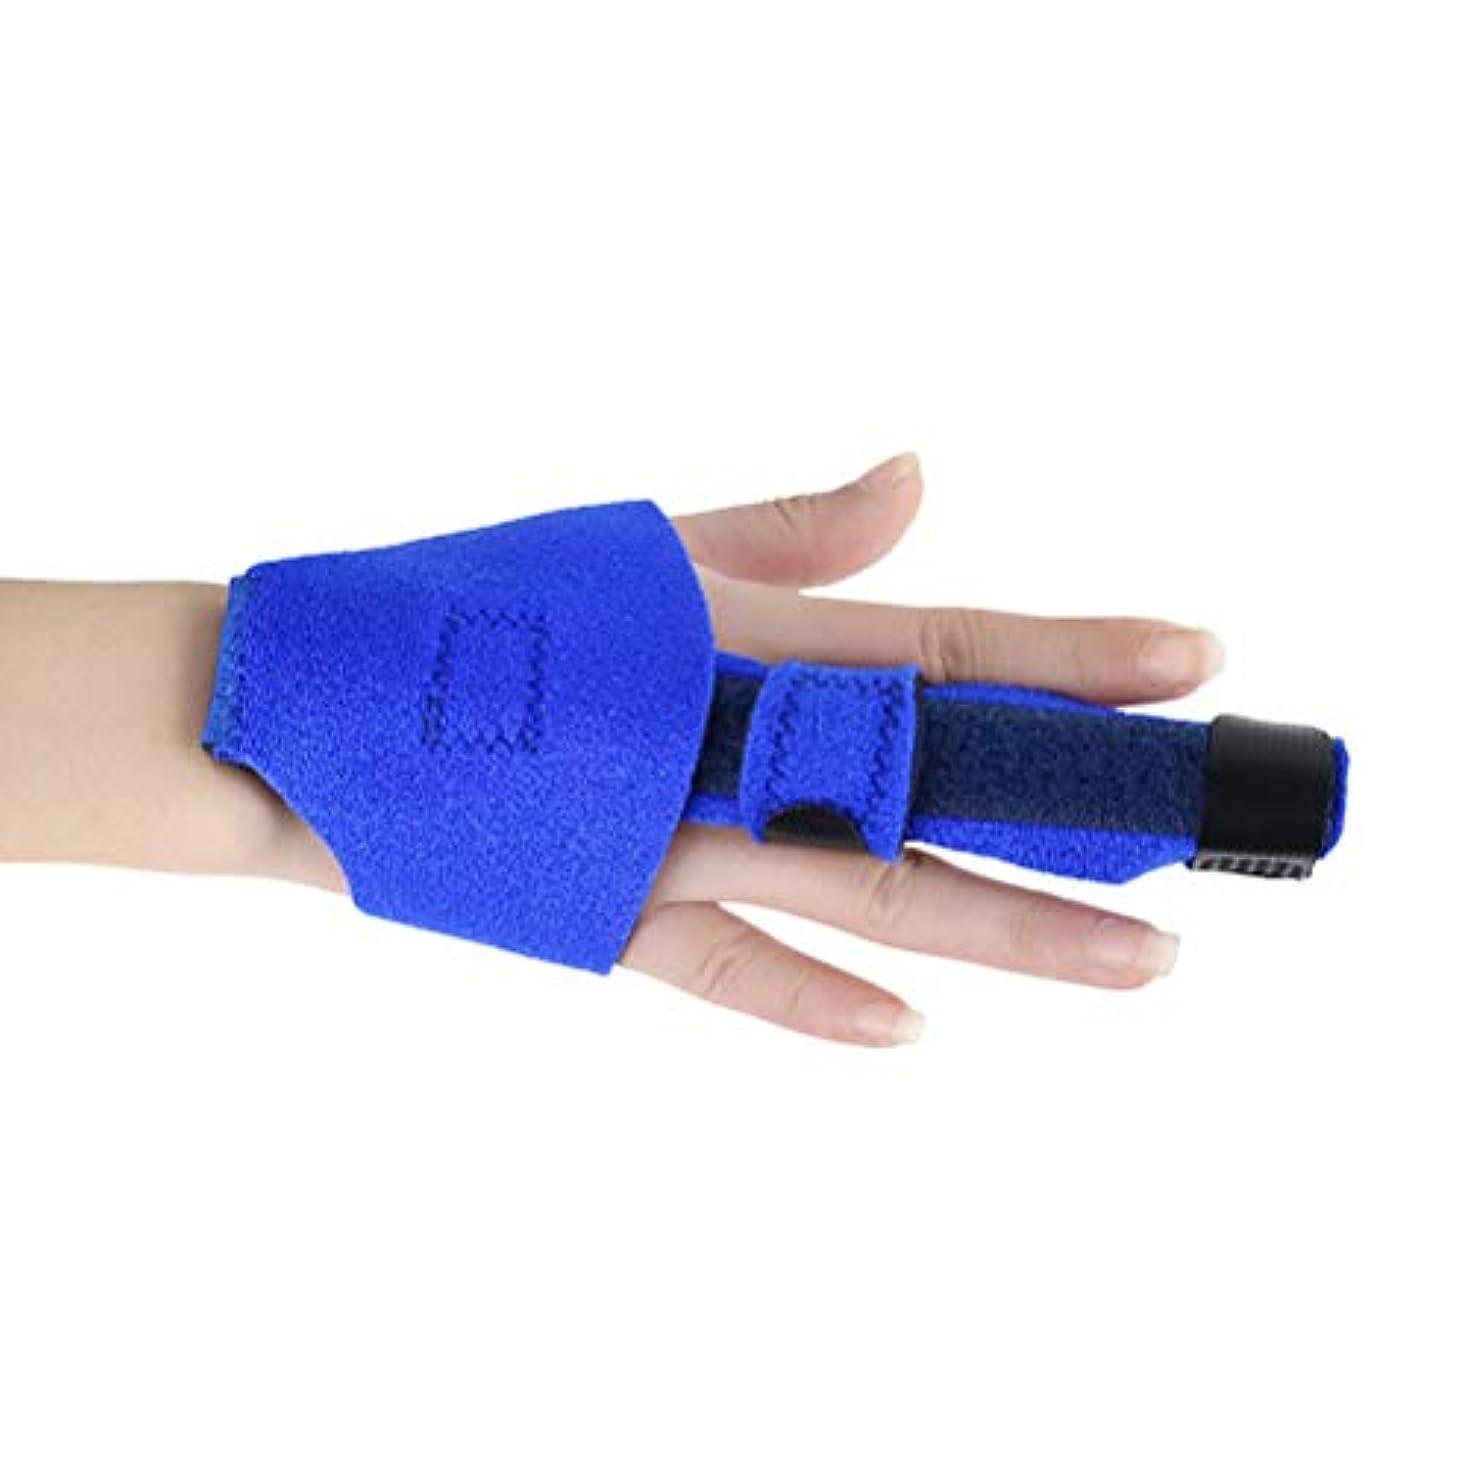 確率形成俳優SUPVOX トリガーフィンガースプリント 指サポーター 指の骨折副木壊れた指のサポート手首指固定ブレースプロテクター(ブルー)